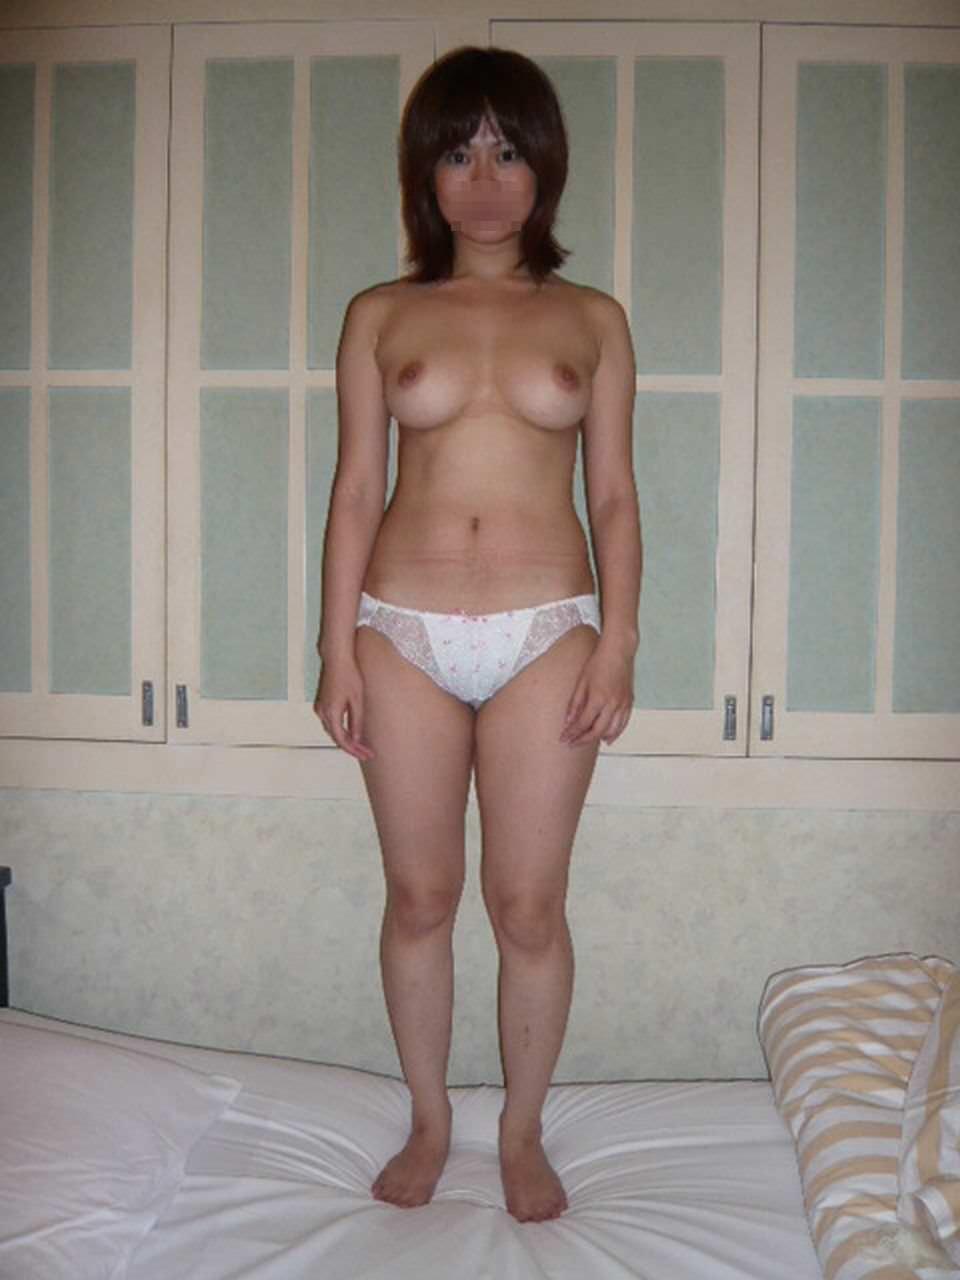 巨乳で可愛い元カノ全裸写メ!!!男の都合で晒される彼女のイイ体www 0312